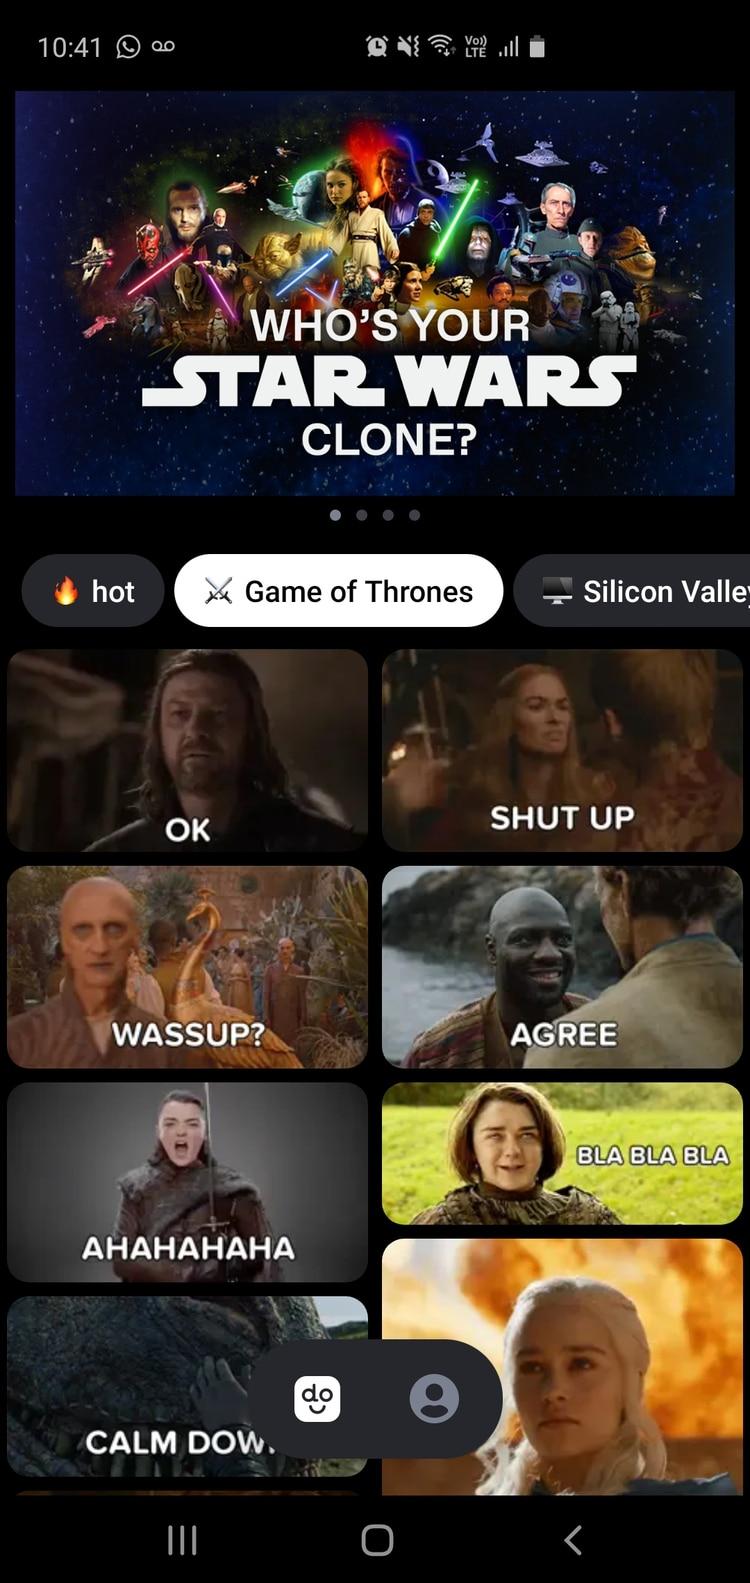 Se puede elegir entre varias temáticas para crear el meme.